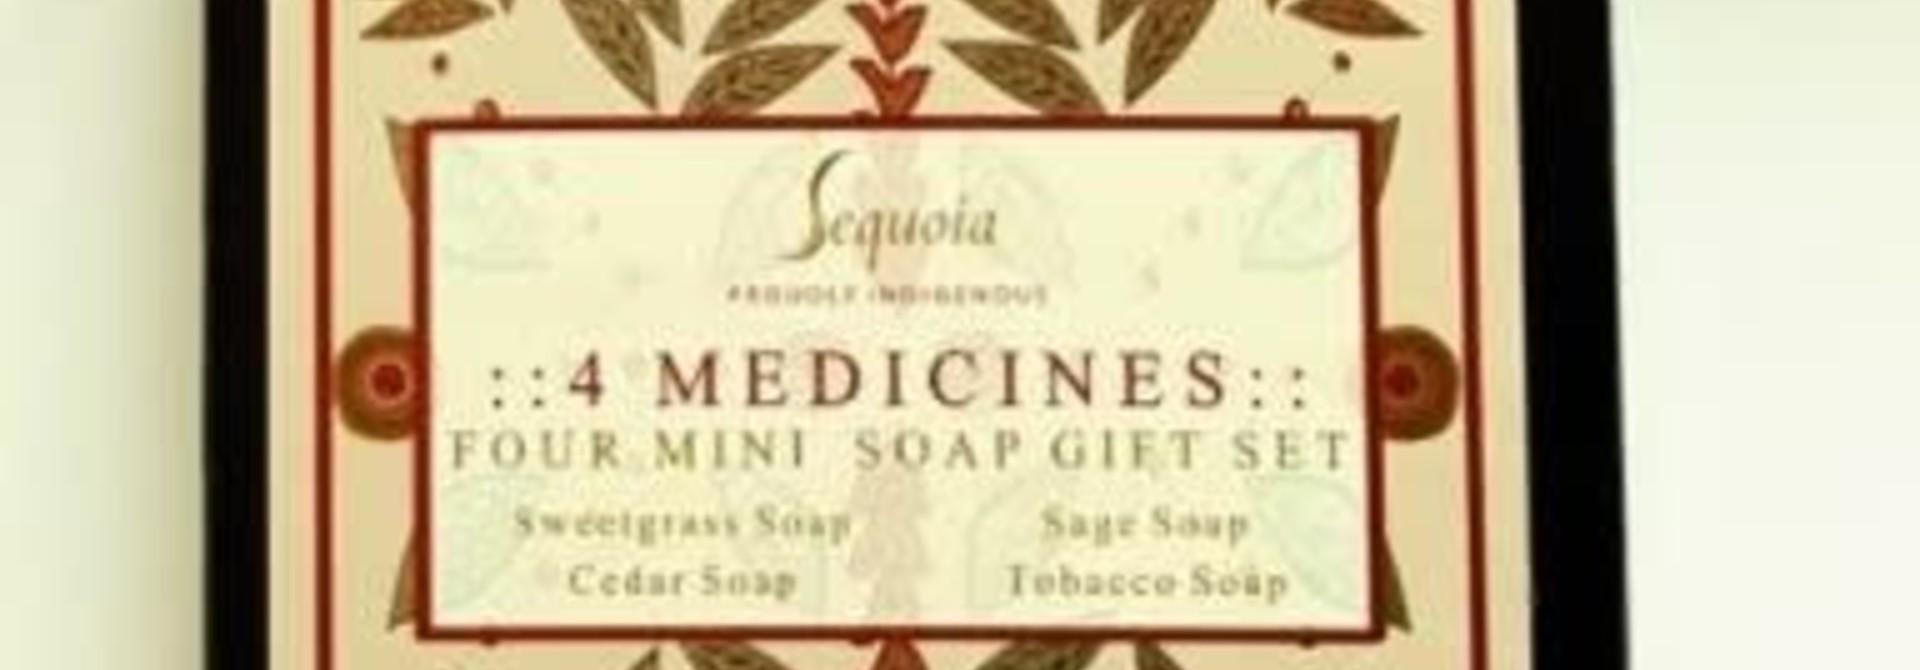 Sequoia Mini Soap Gift Set - Four Medicines